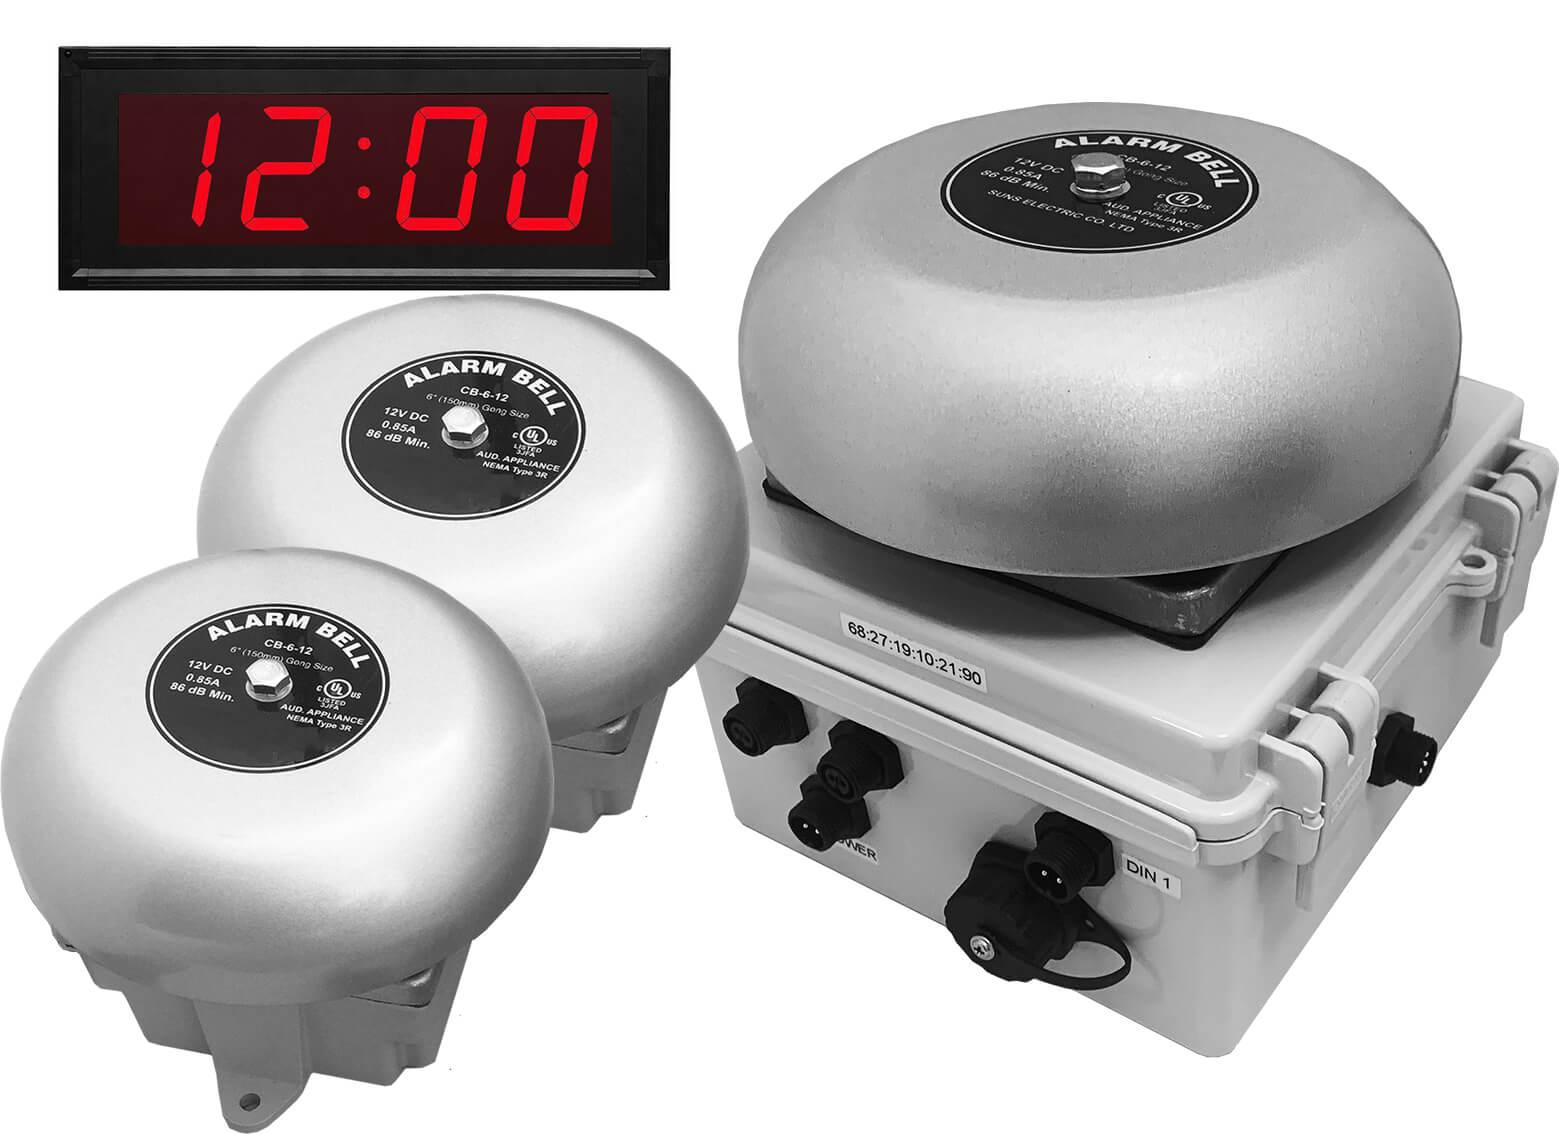 Netbell-K-E2M-C Network All-in-One Break Bell Clock System (3 Bells System)